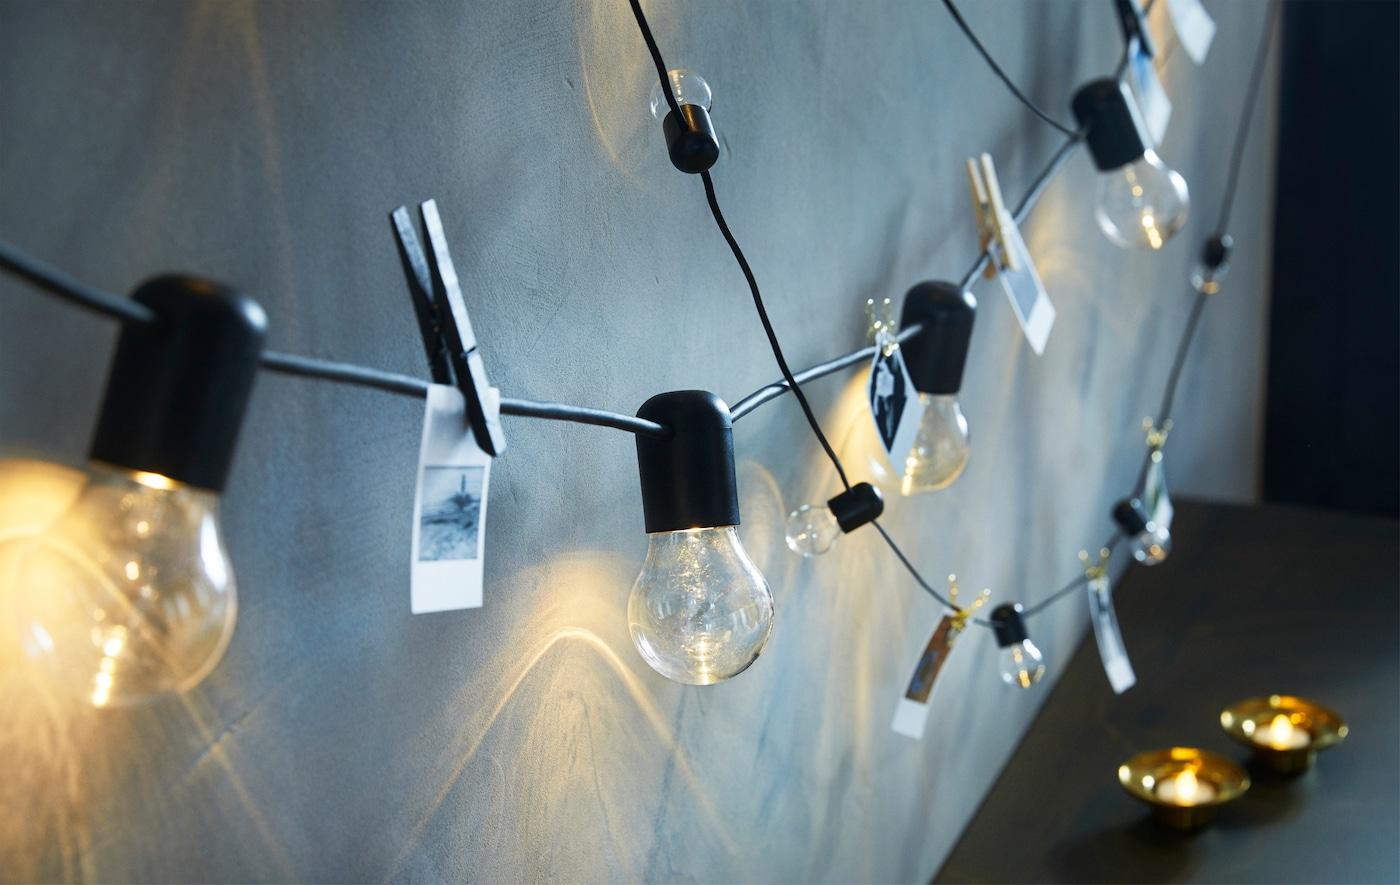 Cómo decorar con guirnaldas de luces IKEA